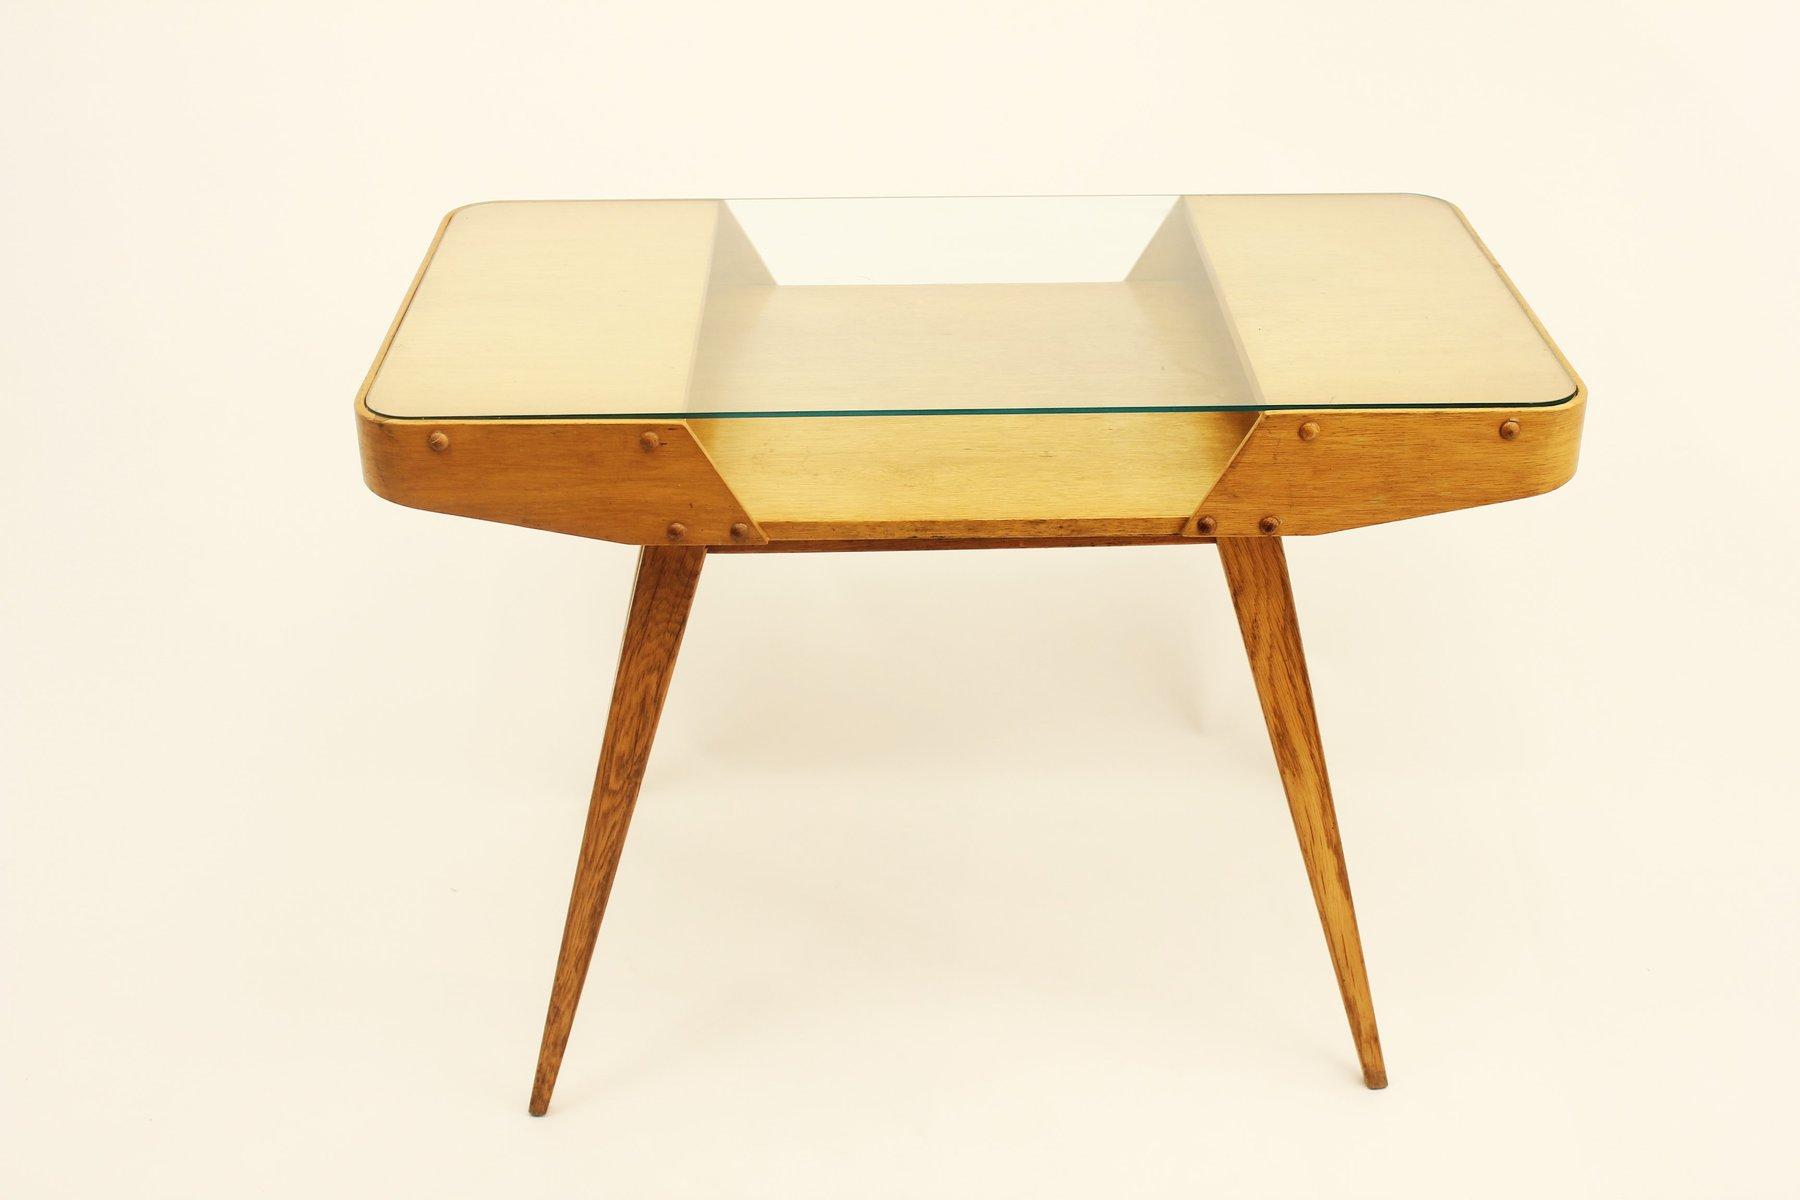 tschechoslovakischer vintage eiche couchtisch mit. Black Bedroom Furniture Sets. Home Design Ideas